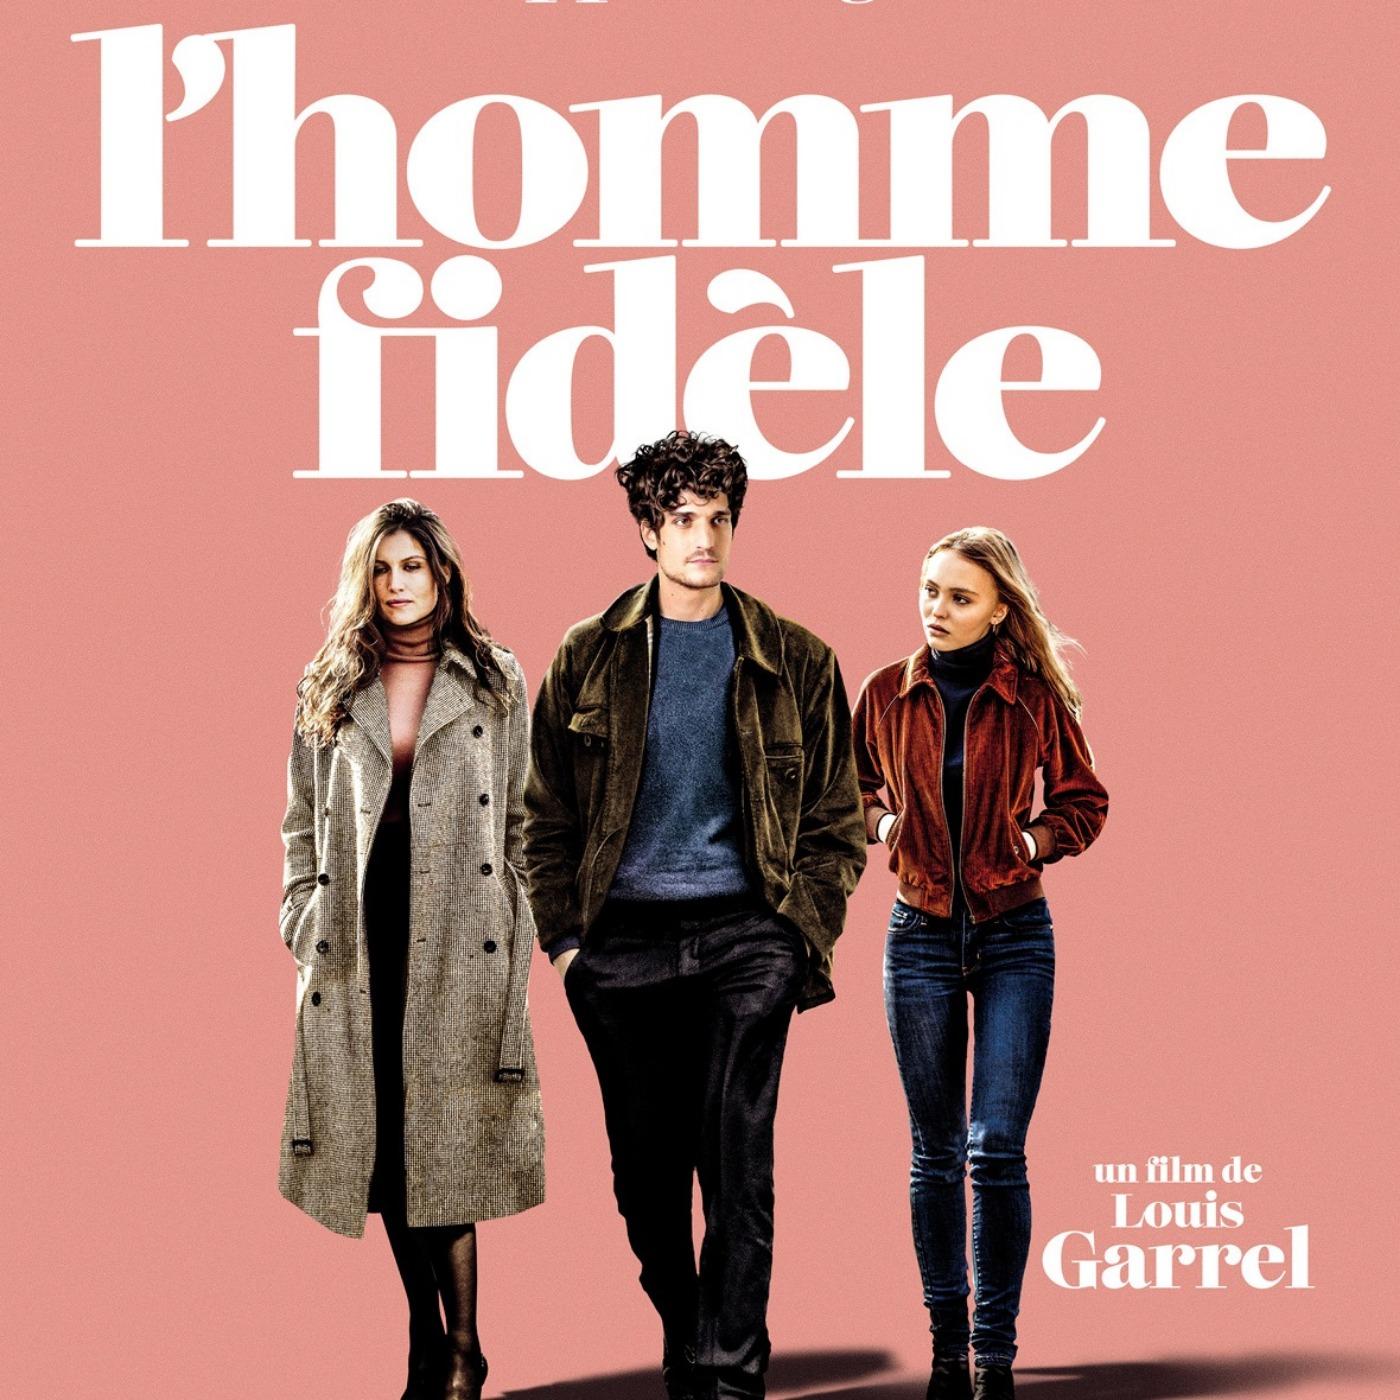 Ciné Parler #30 | Critique du film L'Homme Fidèle